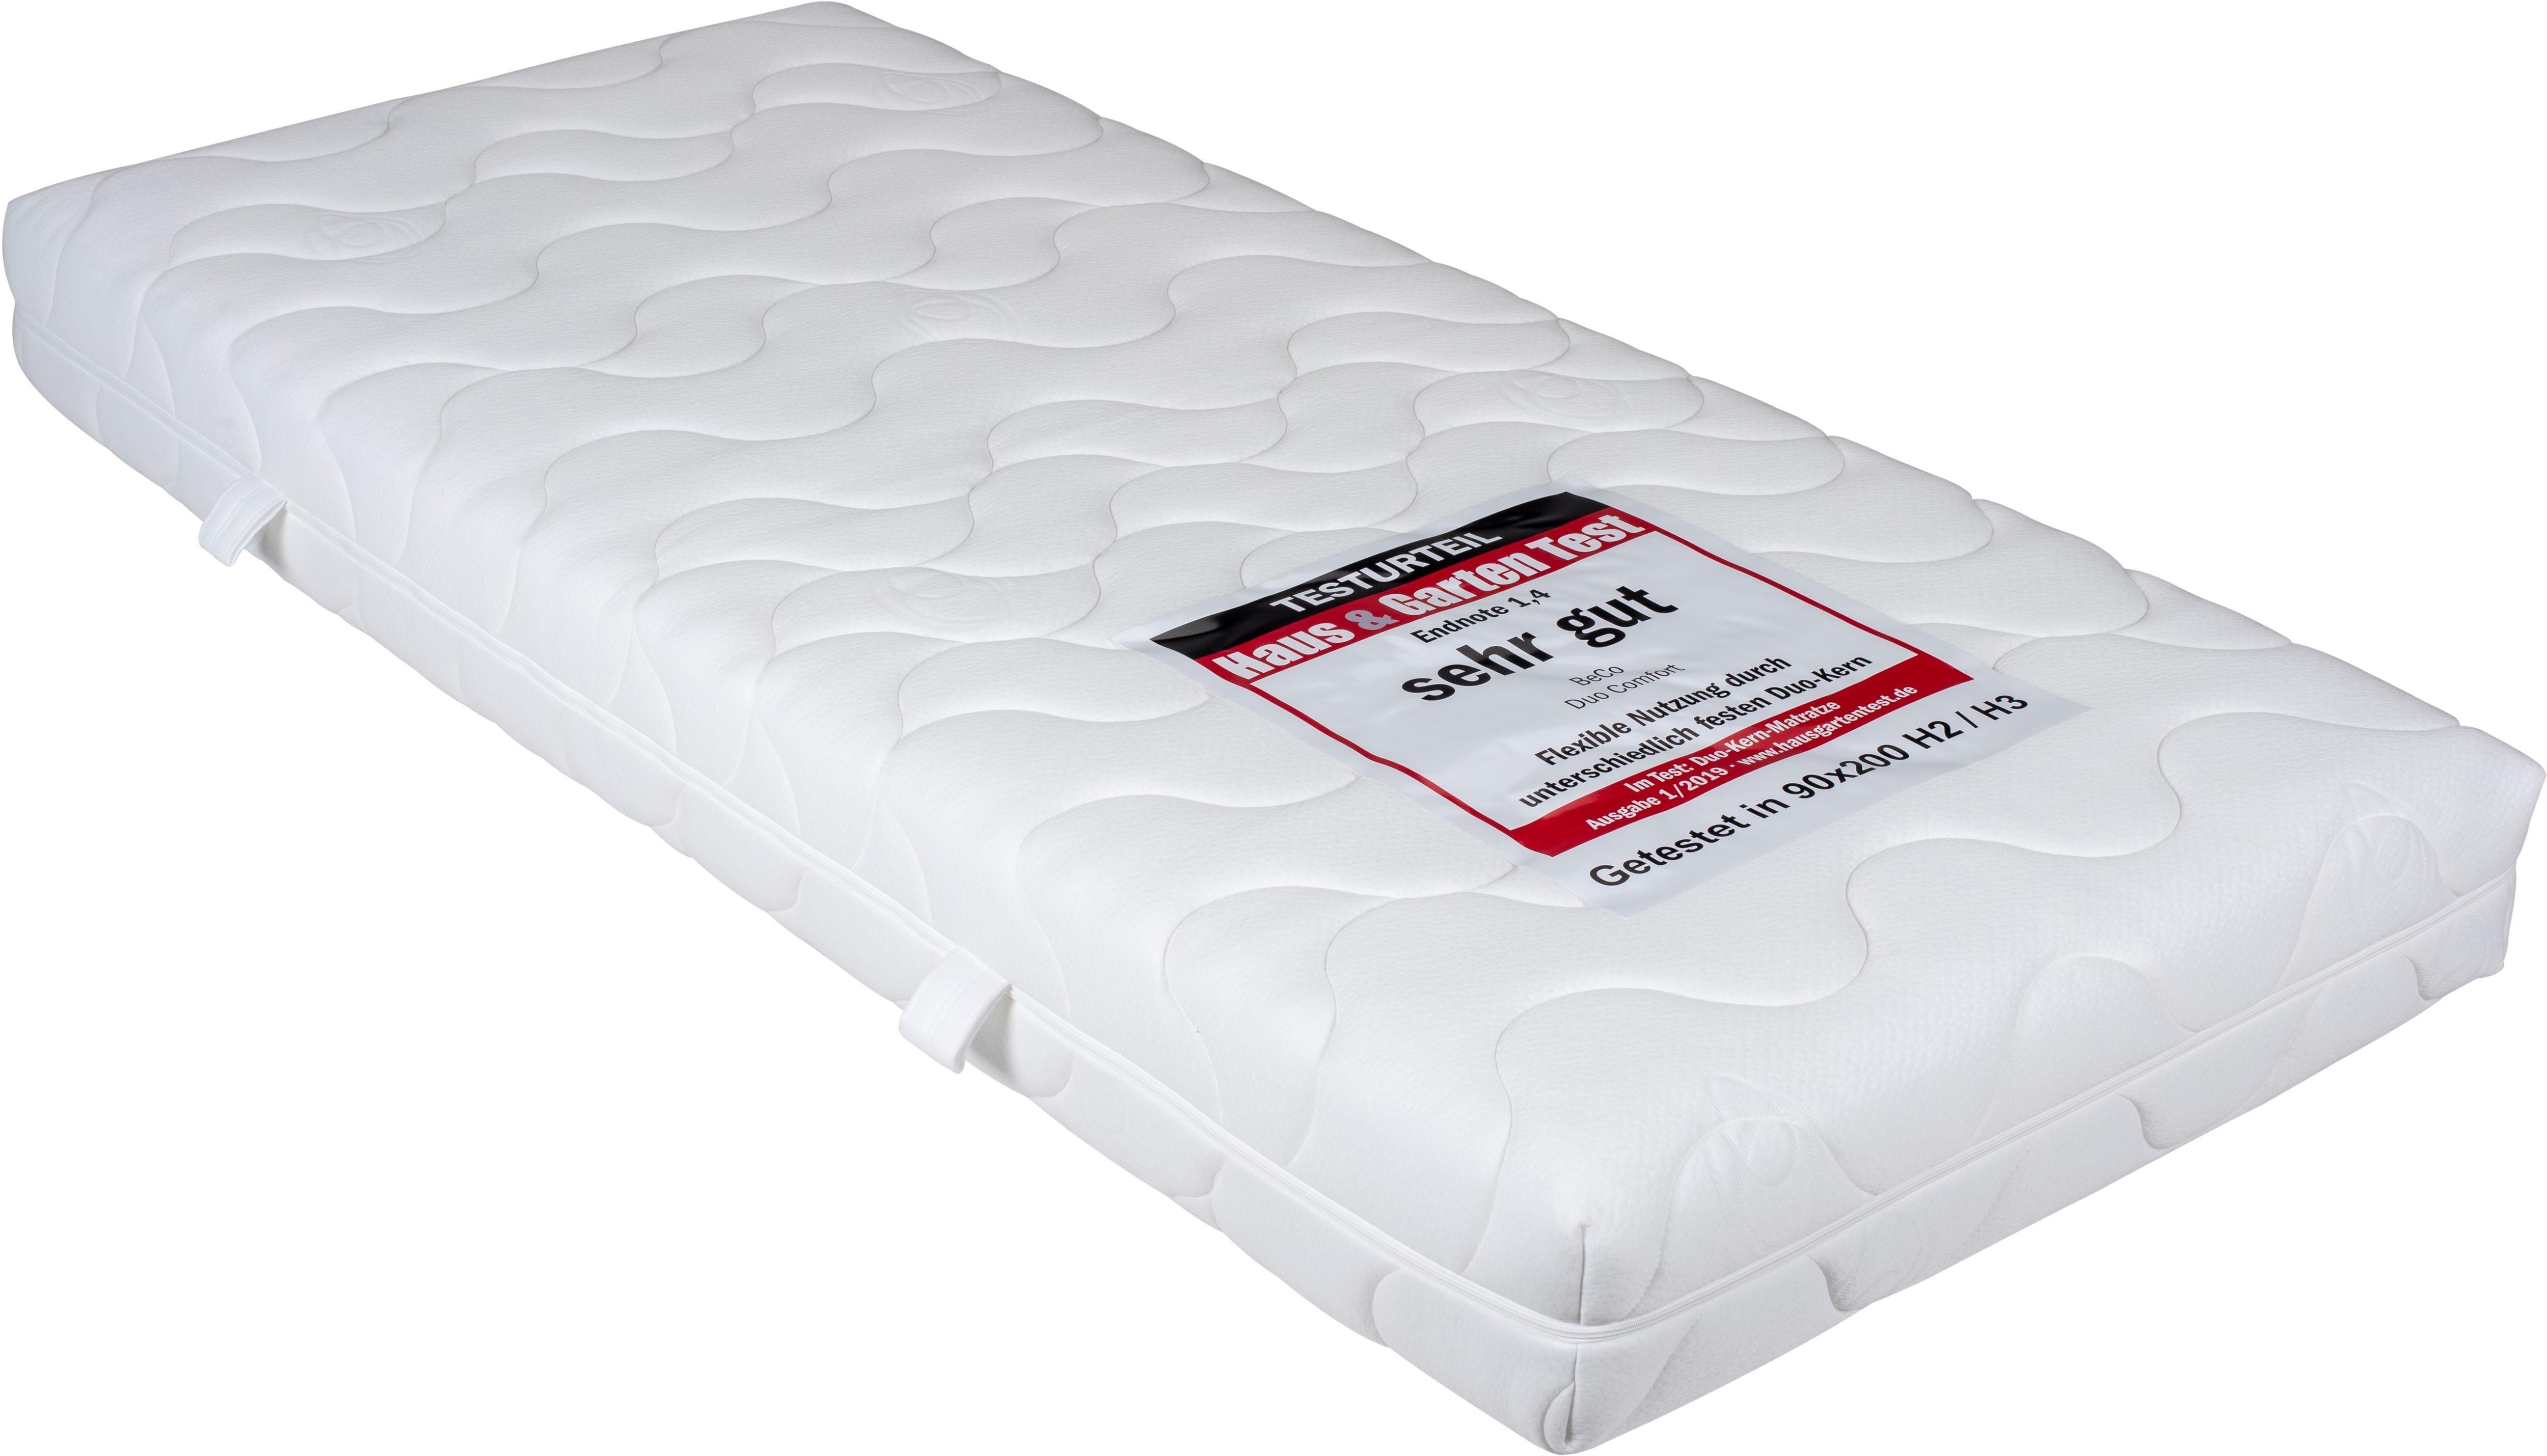 Beco EXCLUSIV comfortschuimmatras Duo comfort 20 Tweezijdig te gebruiken matras met twee verschillend stevige ligzijden hoogte 20 cm veilig op otto.nl kopen